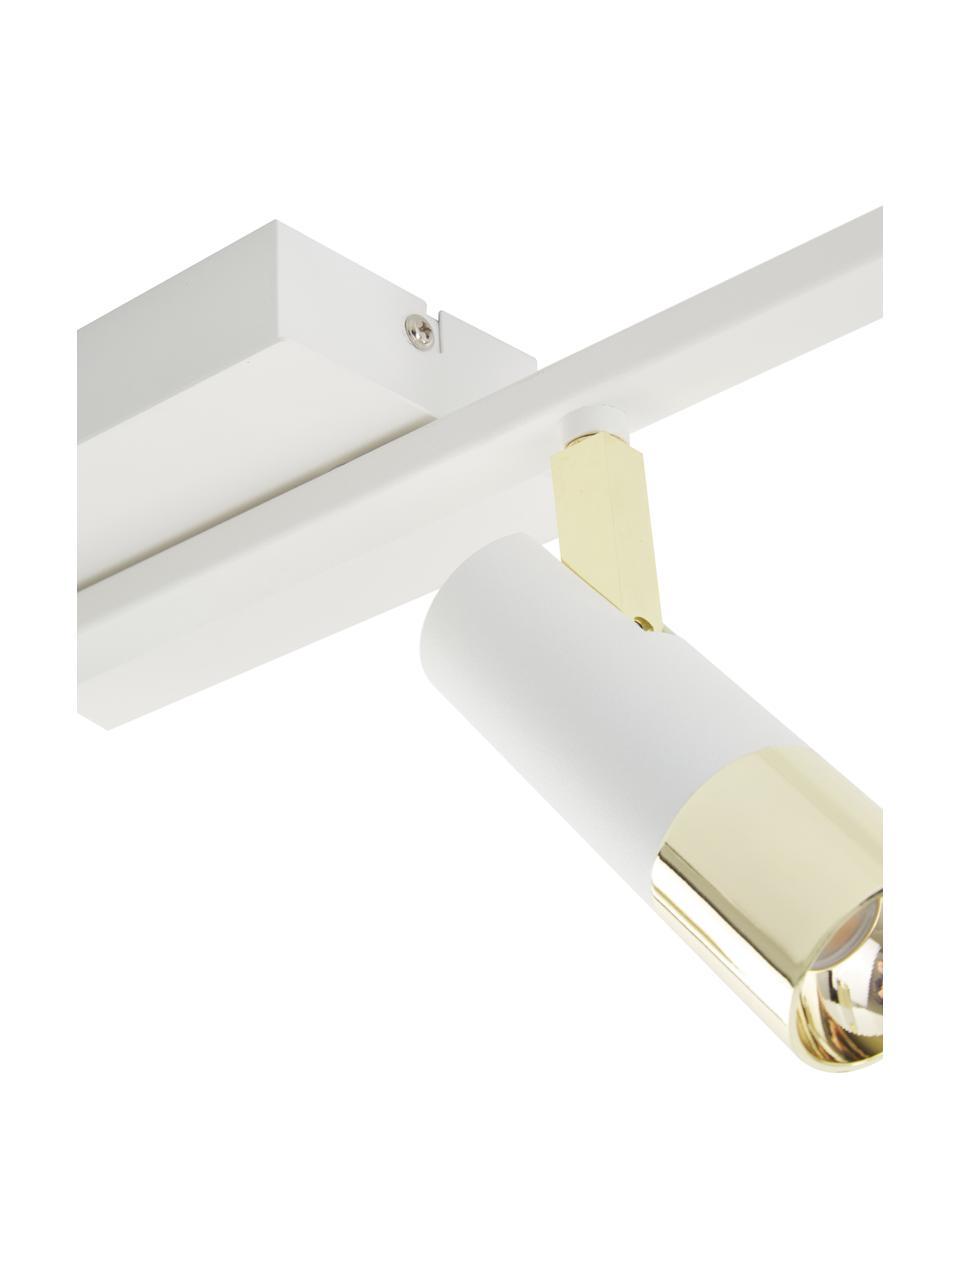 Faretti a LED da soffitto color bianco-oro Bobby, Paralume: metallo verniciato a polv, Baldacchino: metallo verniciato a polv, Struttura: metallo verniciato a polv, Bianco, Larg. 86 x Alt. 13 cm